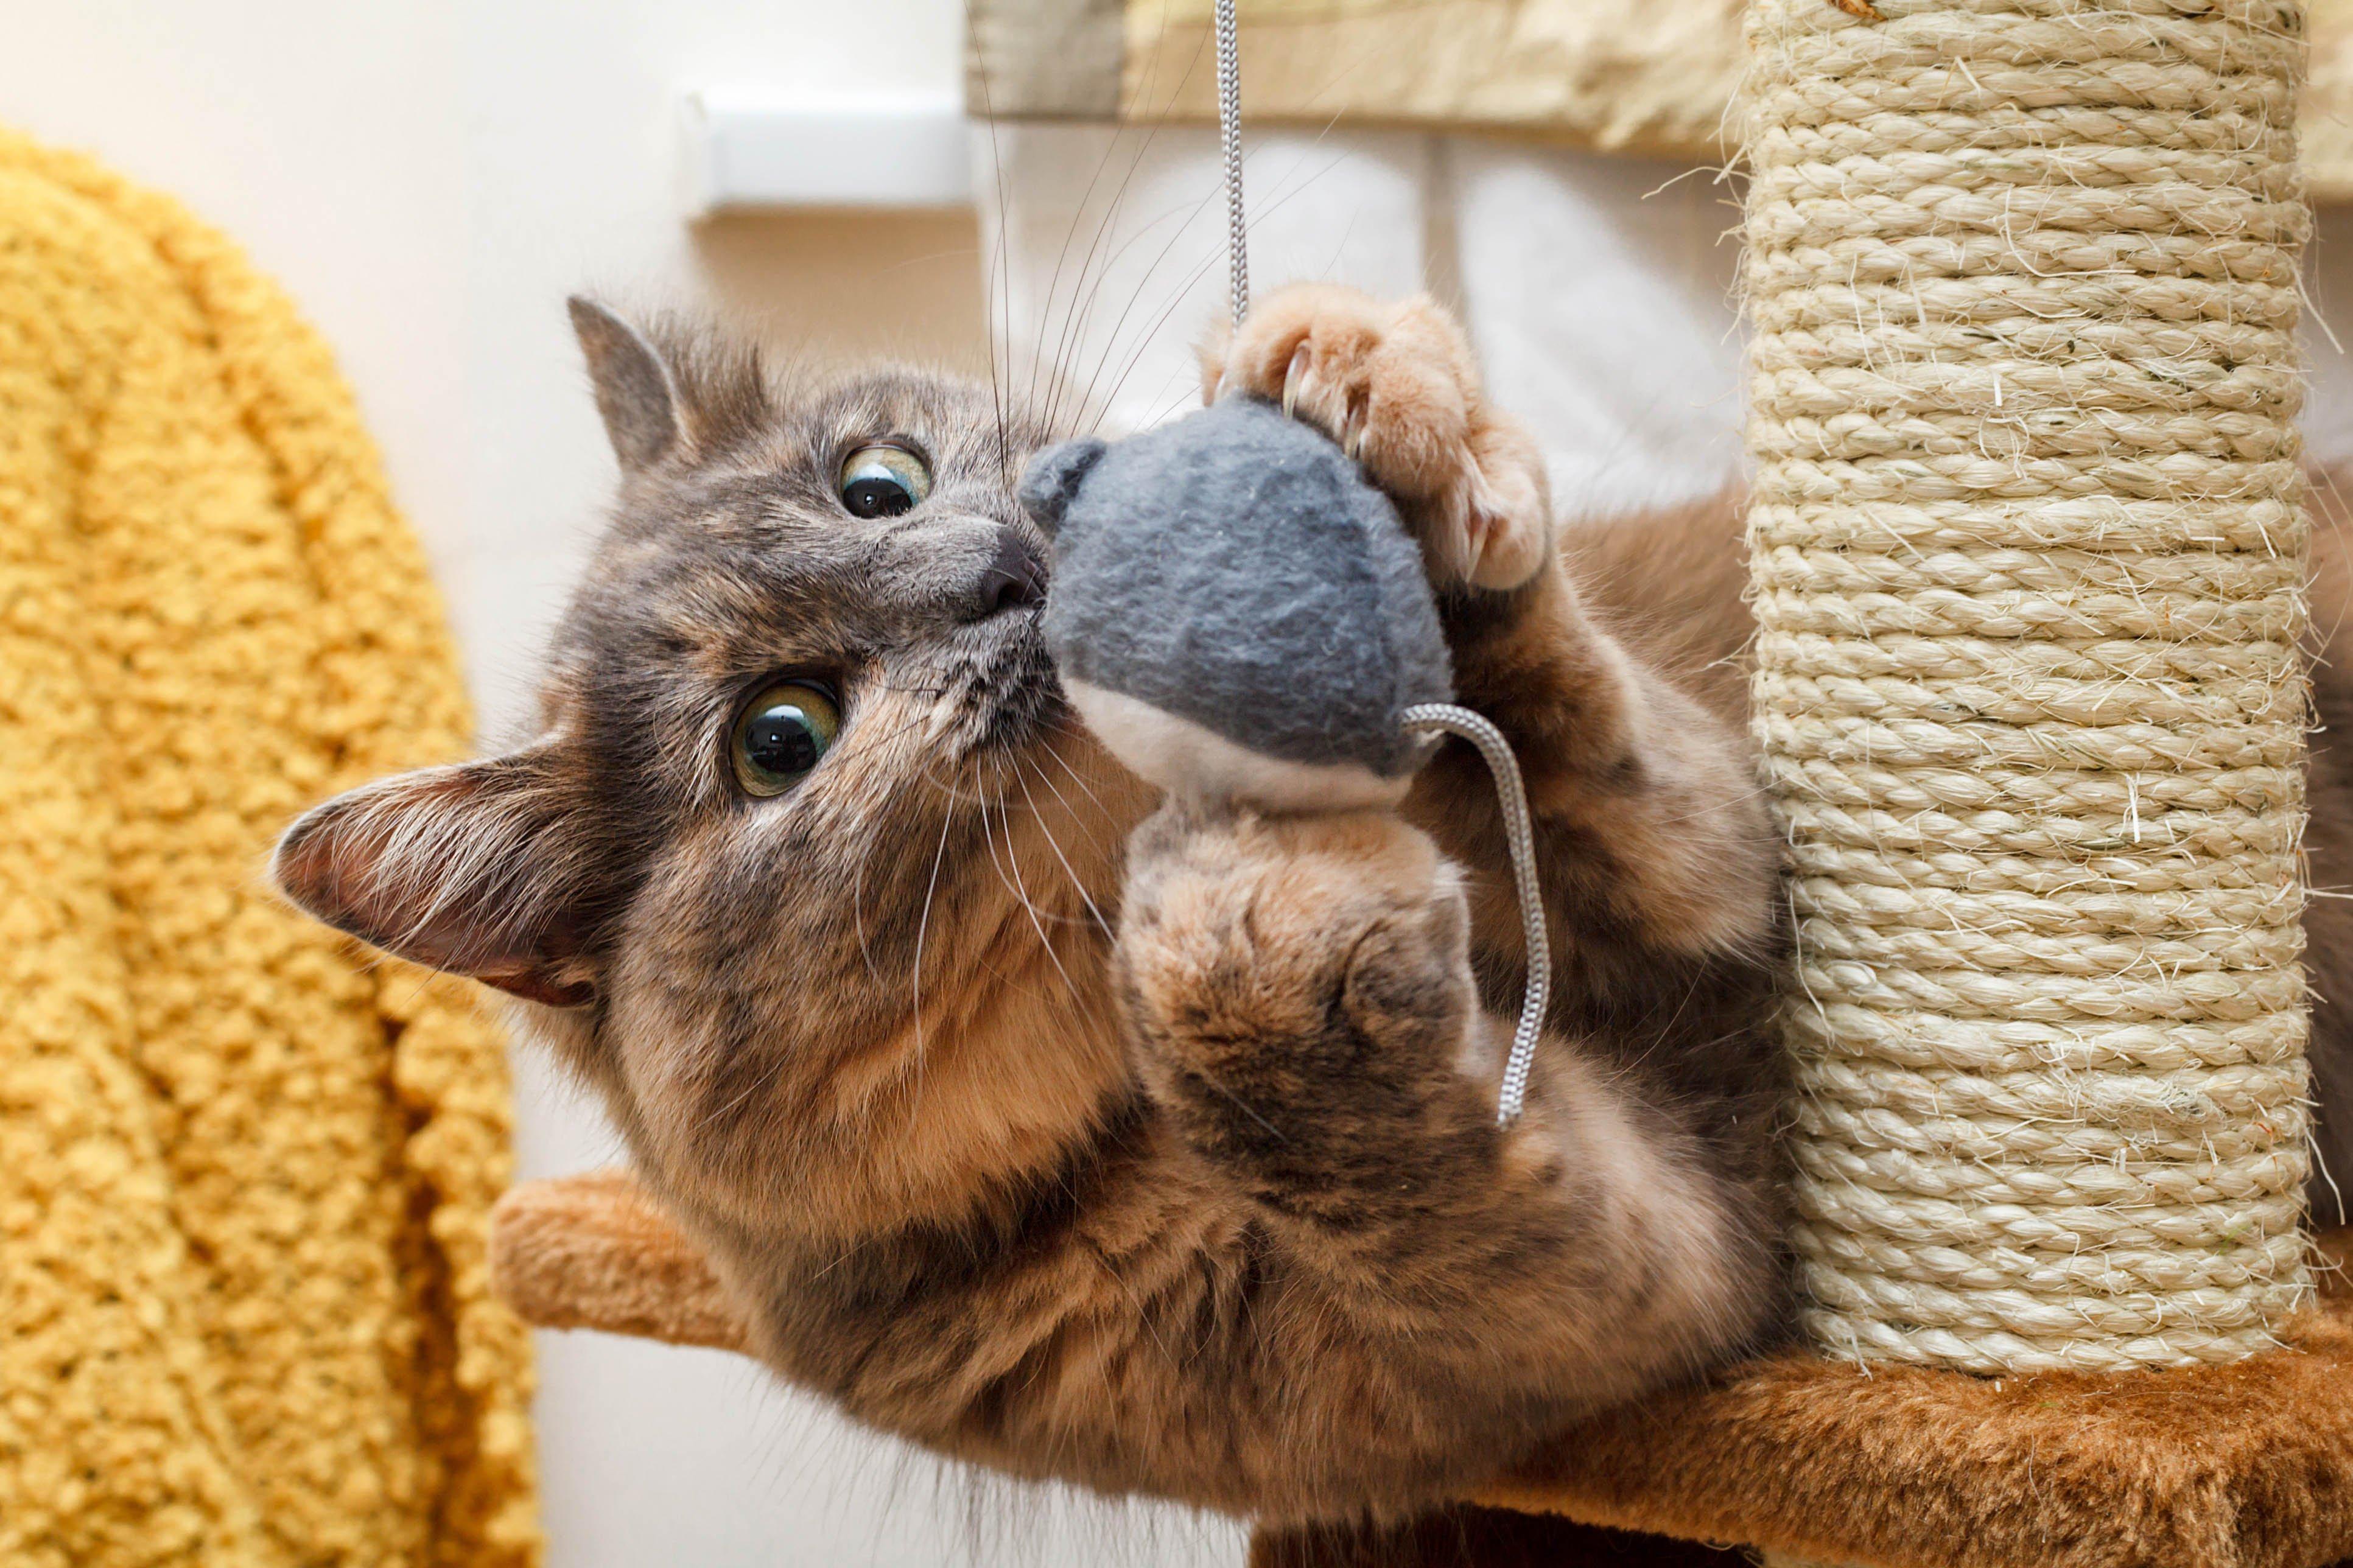 Katze spielt mit Spielzeugmaus auf Kratzbaum